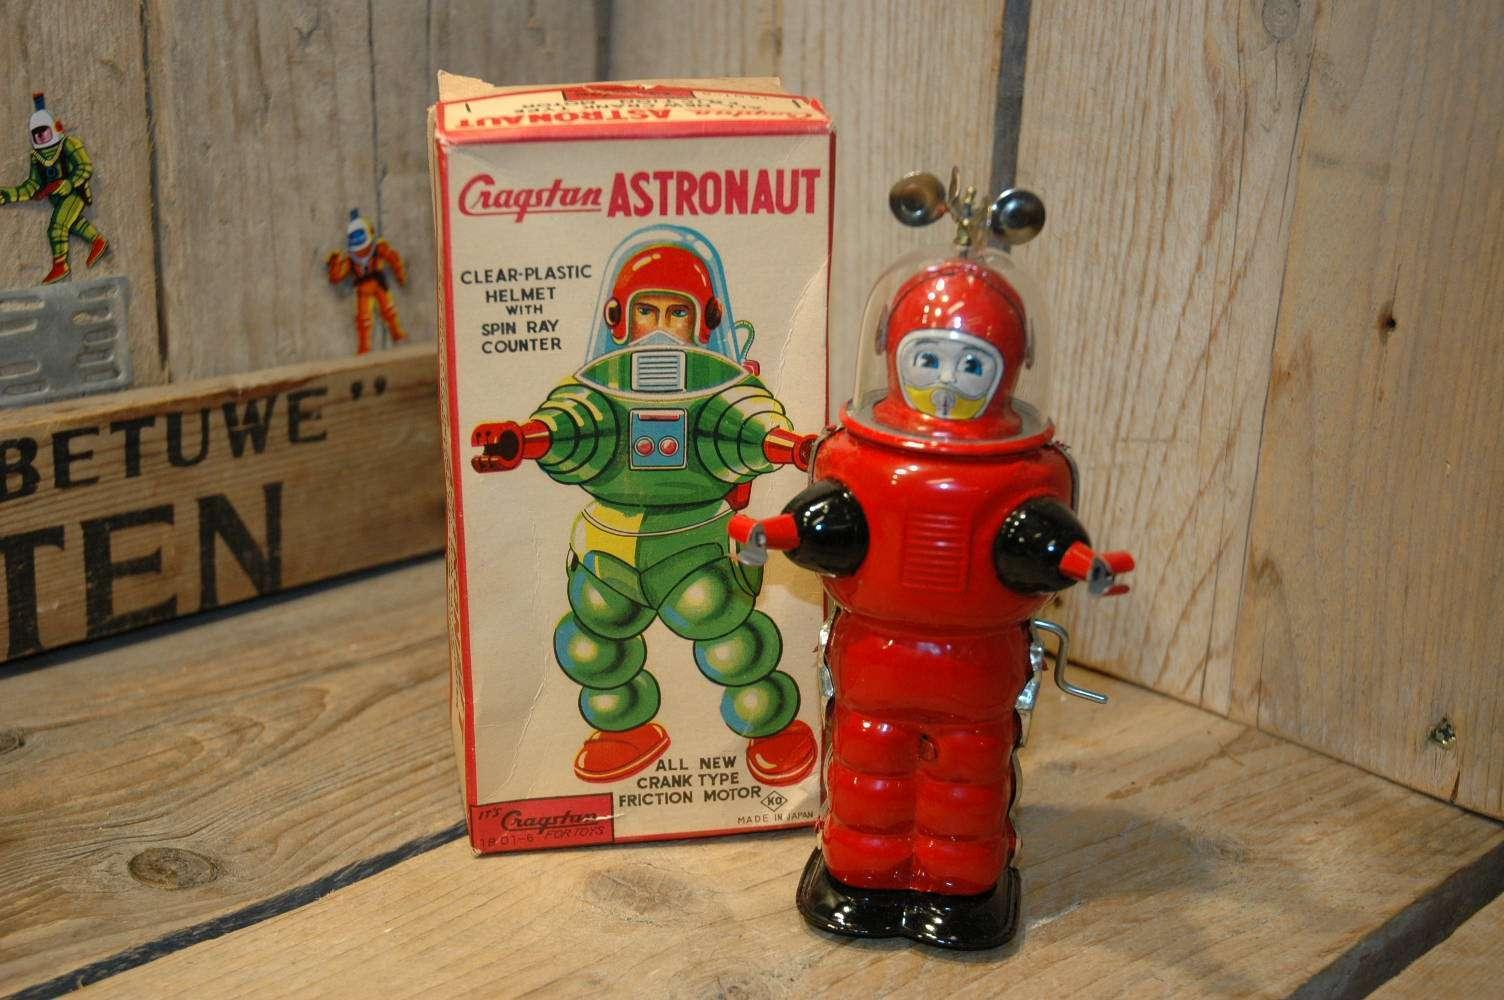 KO Yoshiya - Cragstan Astronaut